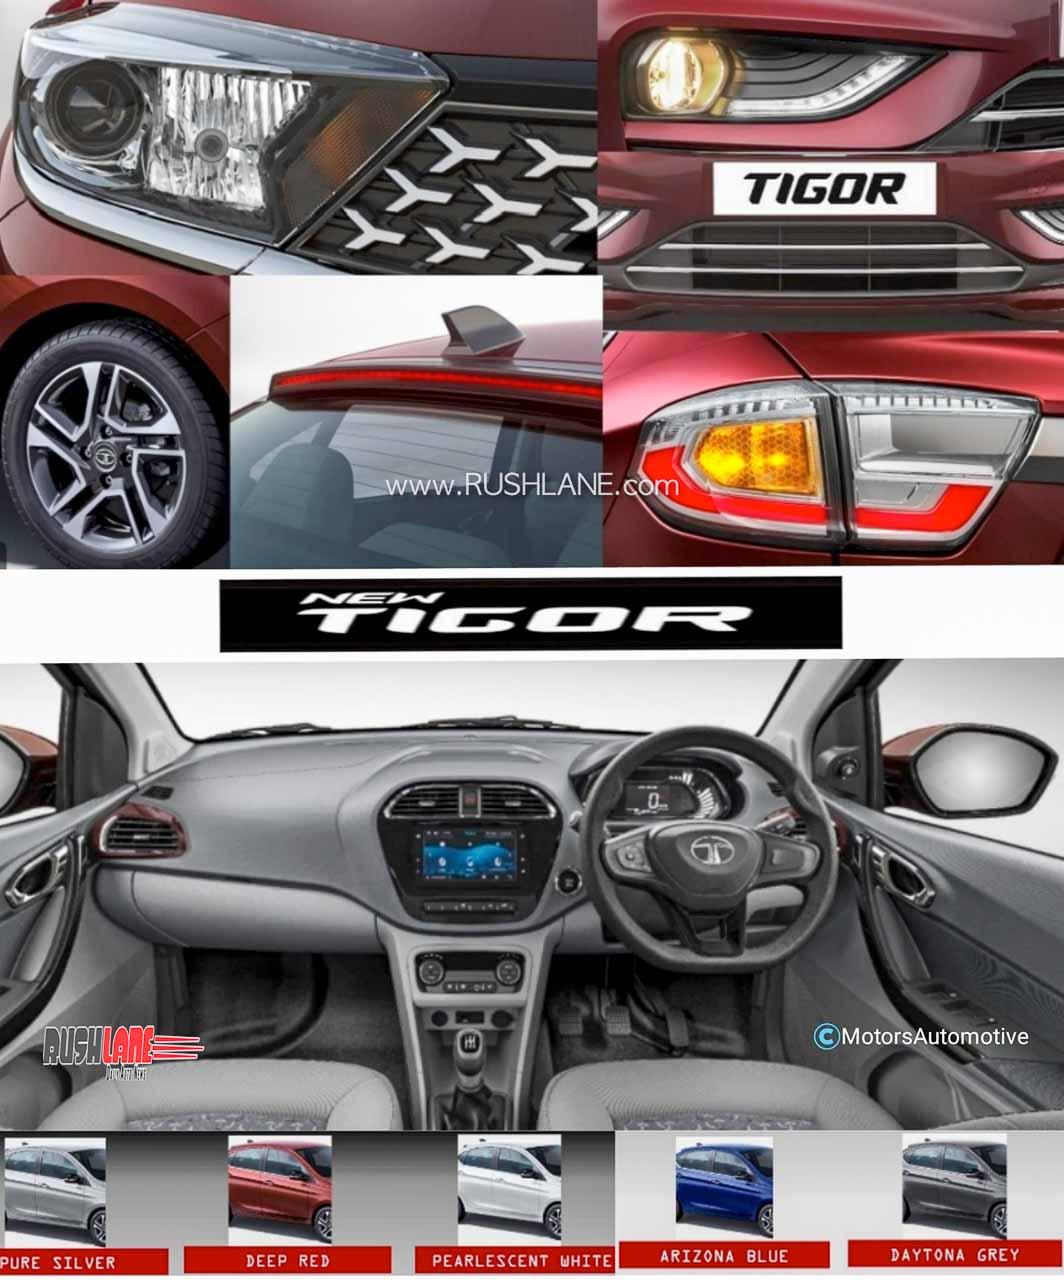 2020 Tata Tigor facelift